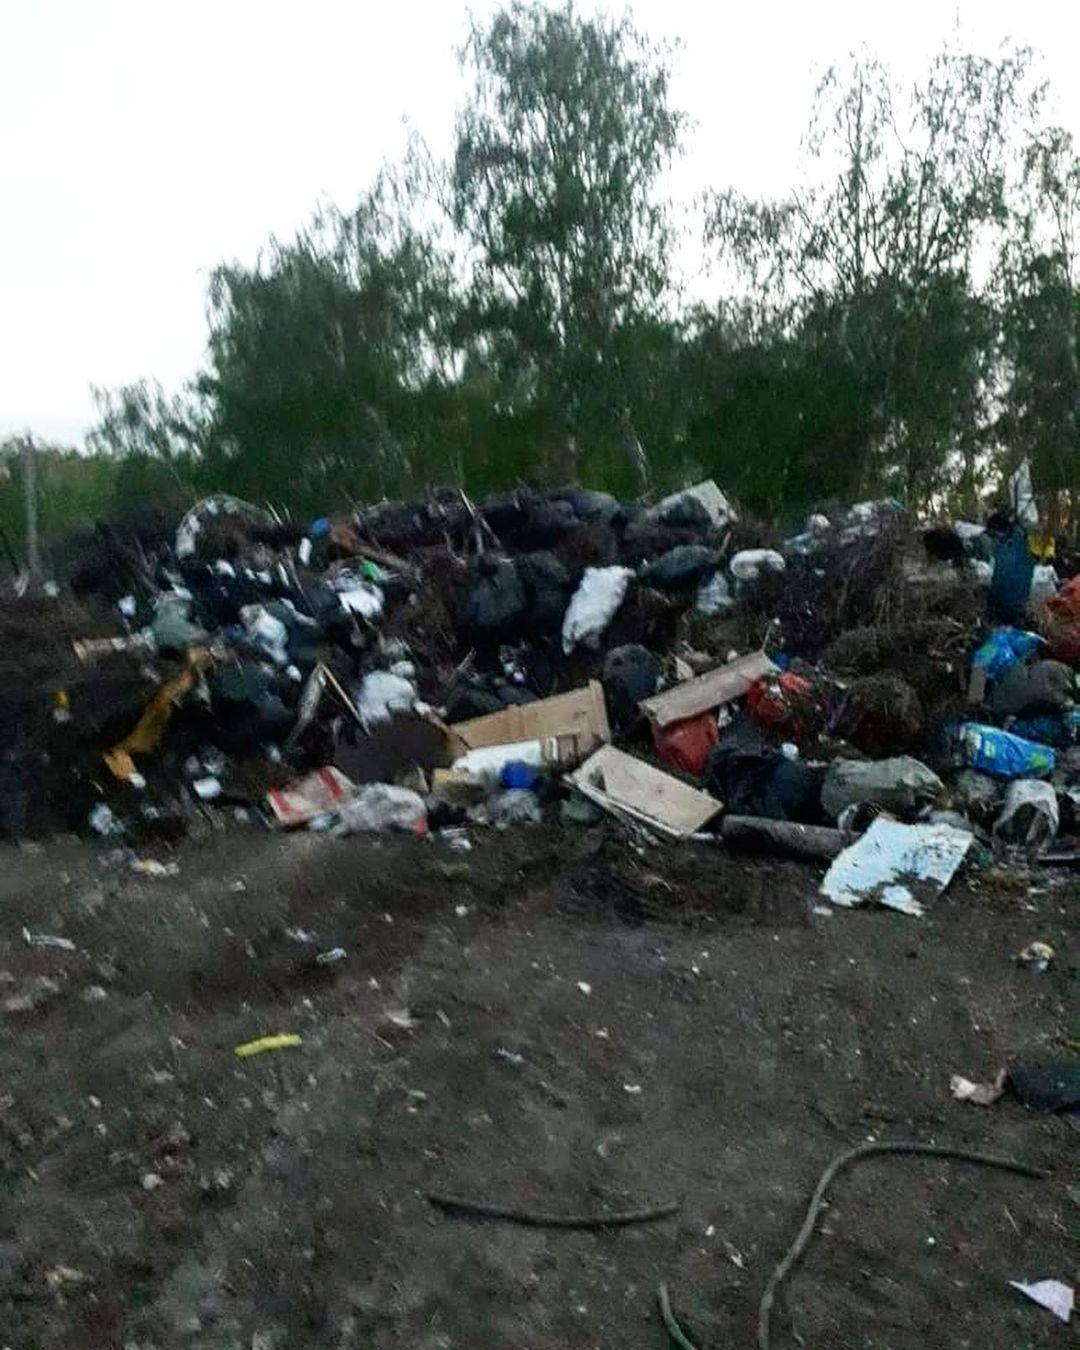 Полежаев пожаловался на огромную свалку недалеко от его дома #Омск #Общество #Сегодня